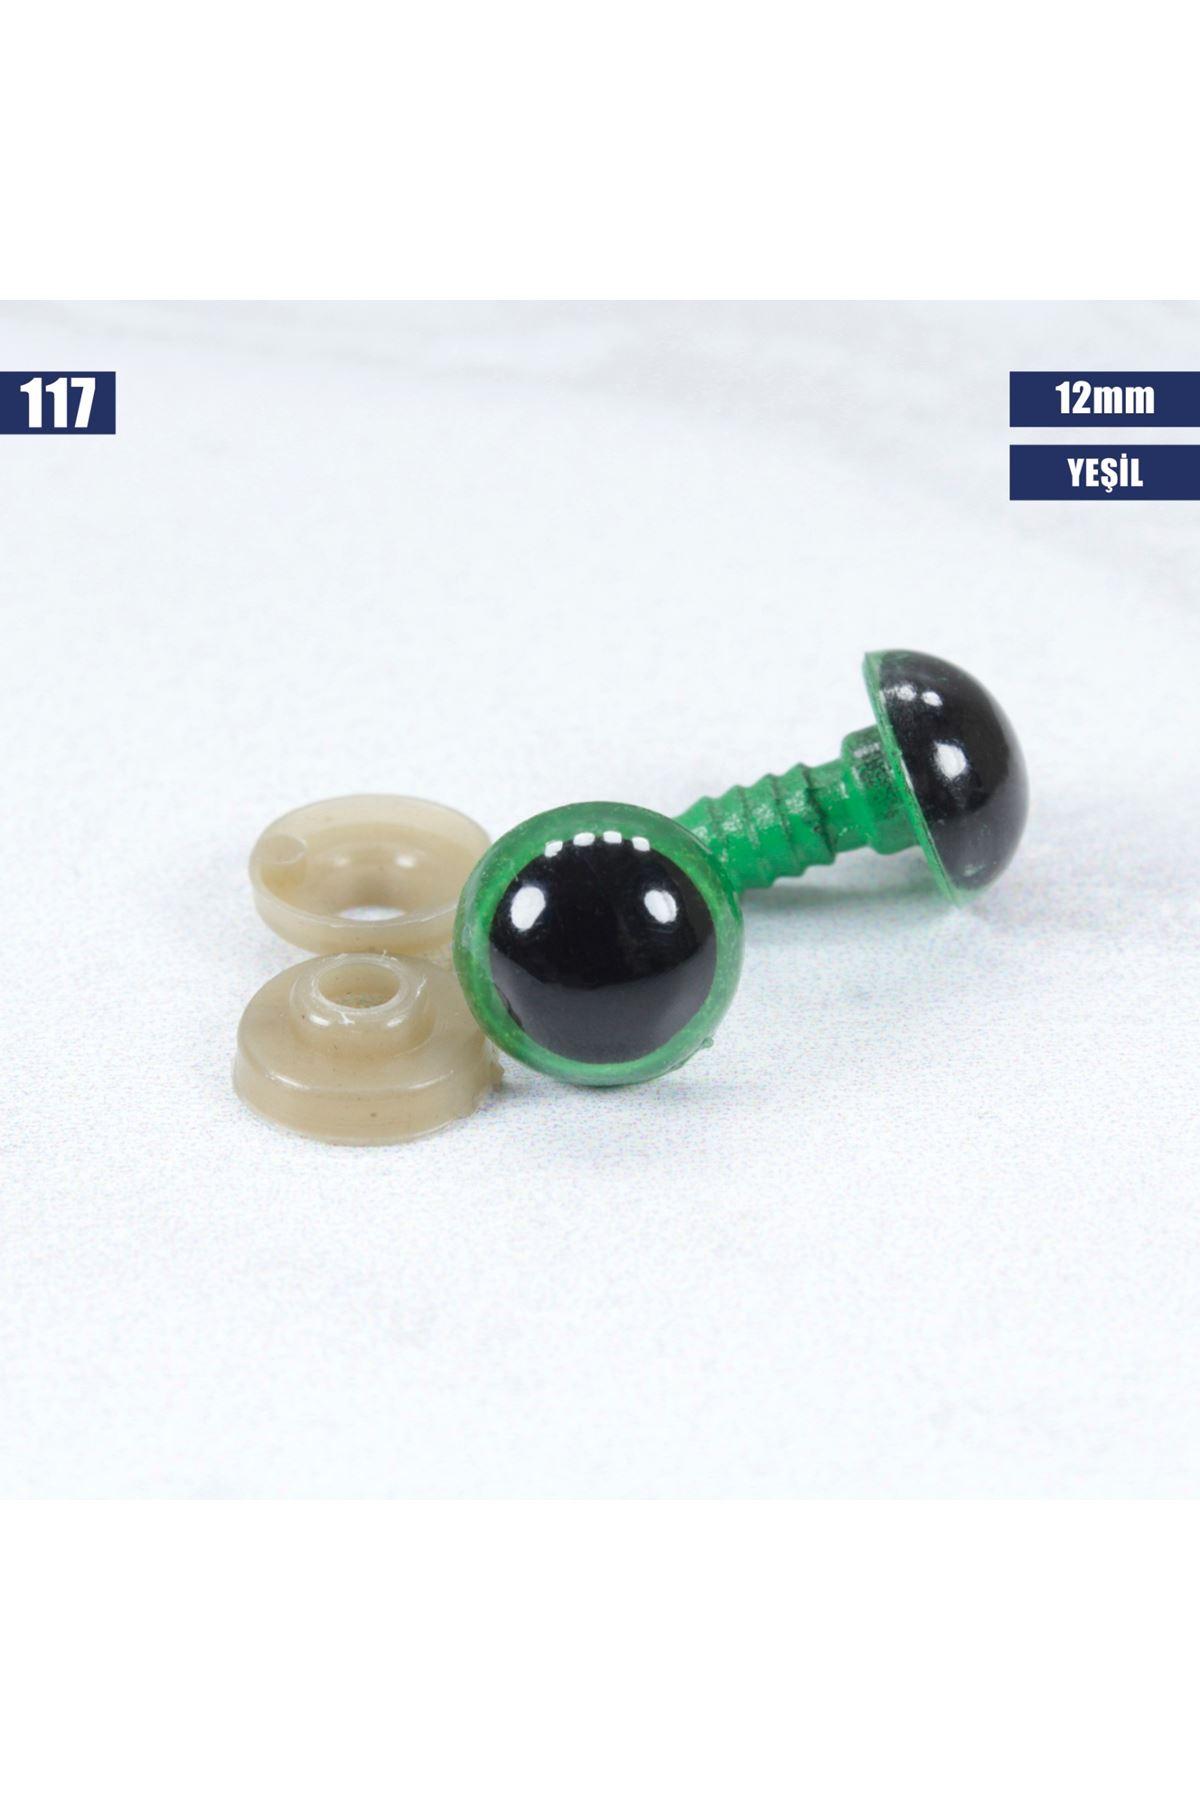 Yeşil Vidalı Göz 12 mm - 117